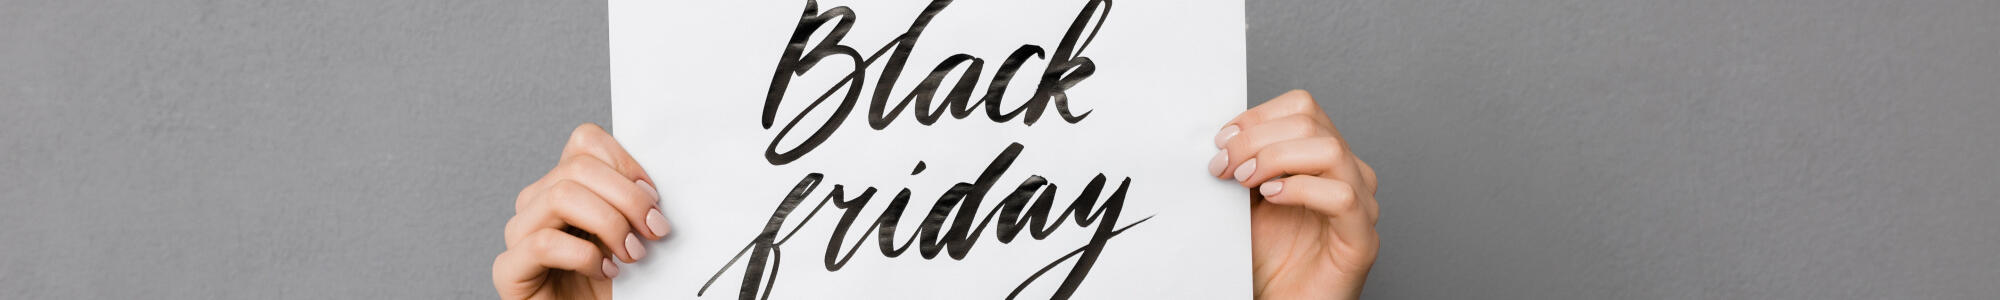 Oferta Black Friday en Hotel de 4 estrellas en Bolonia